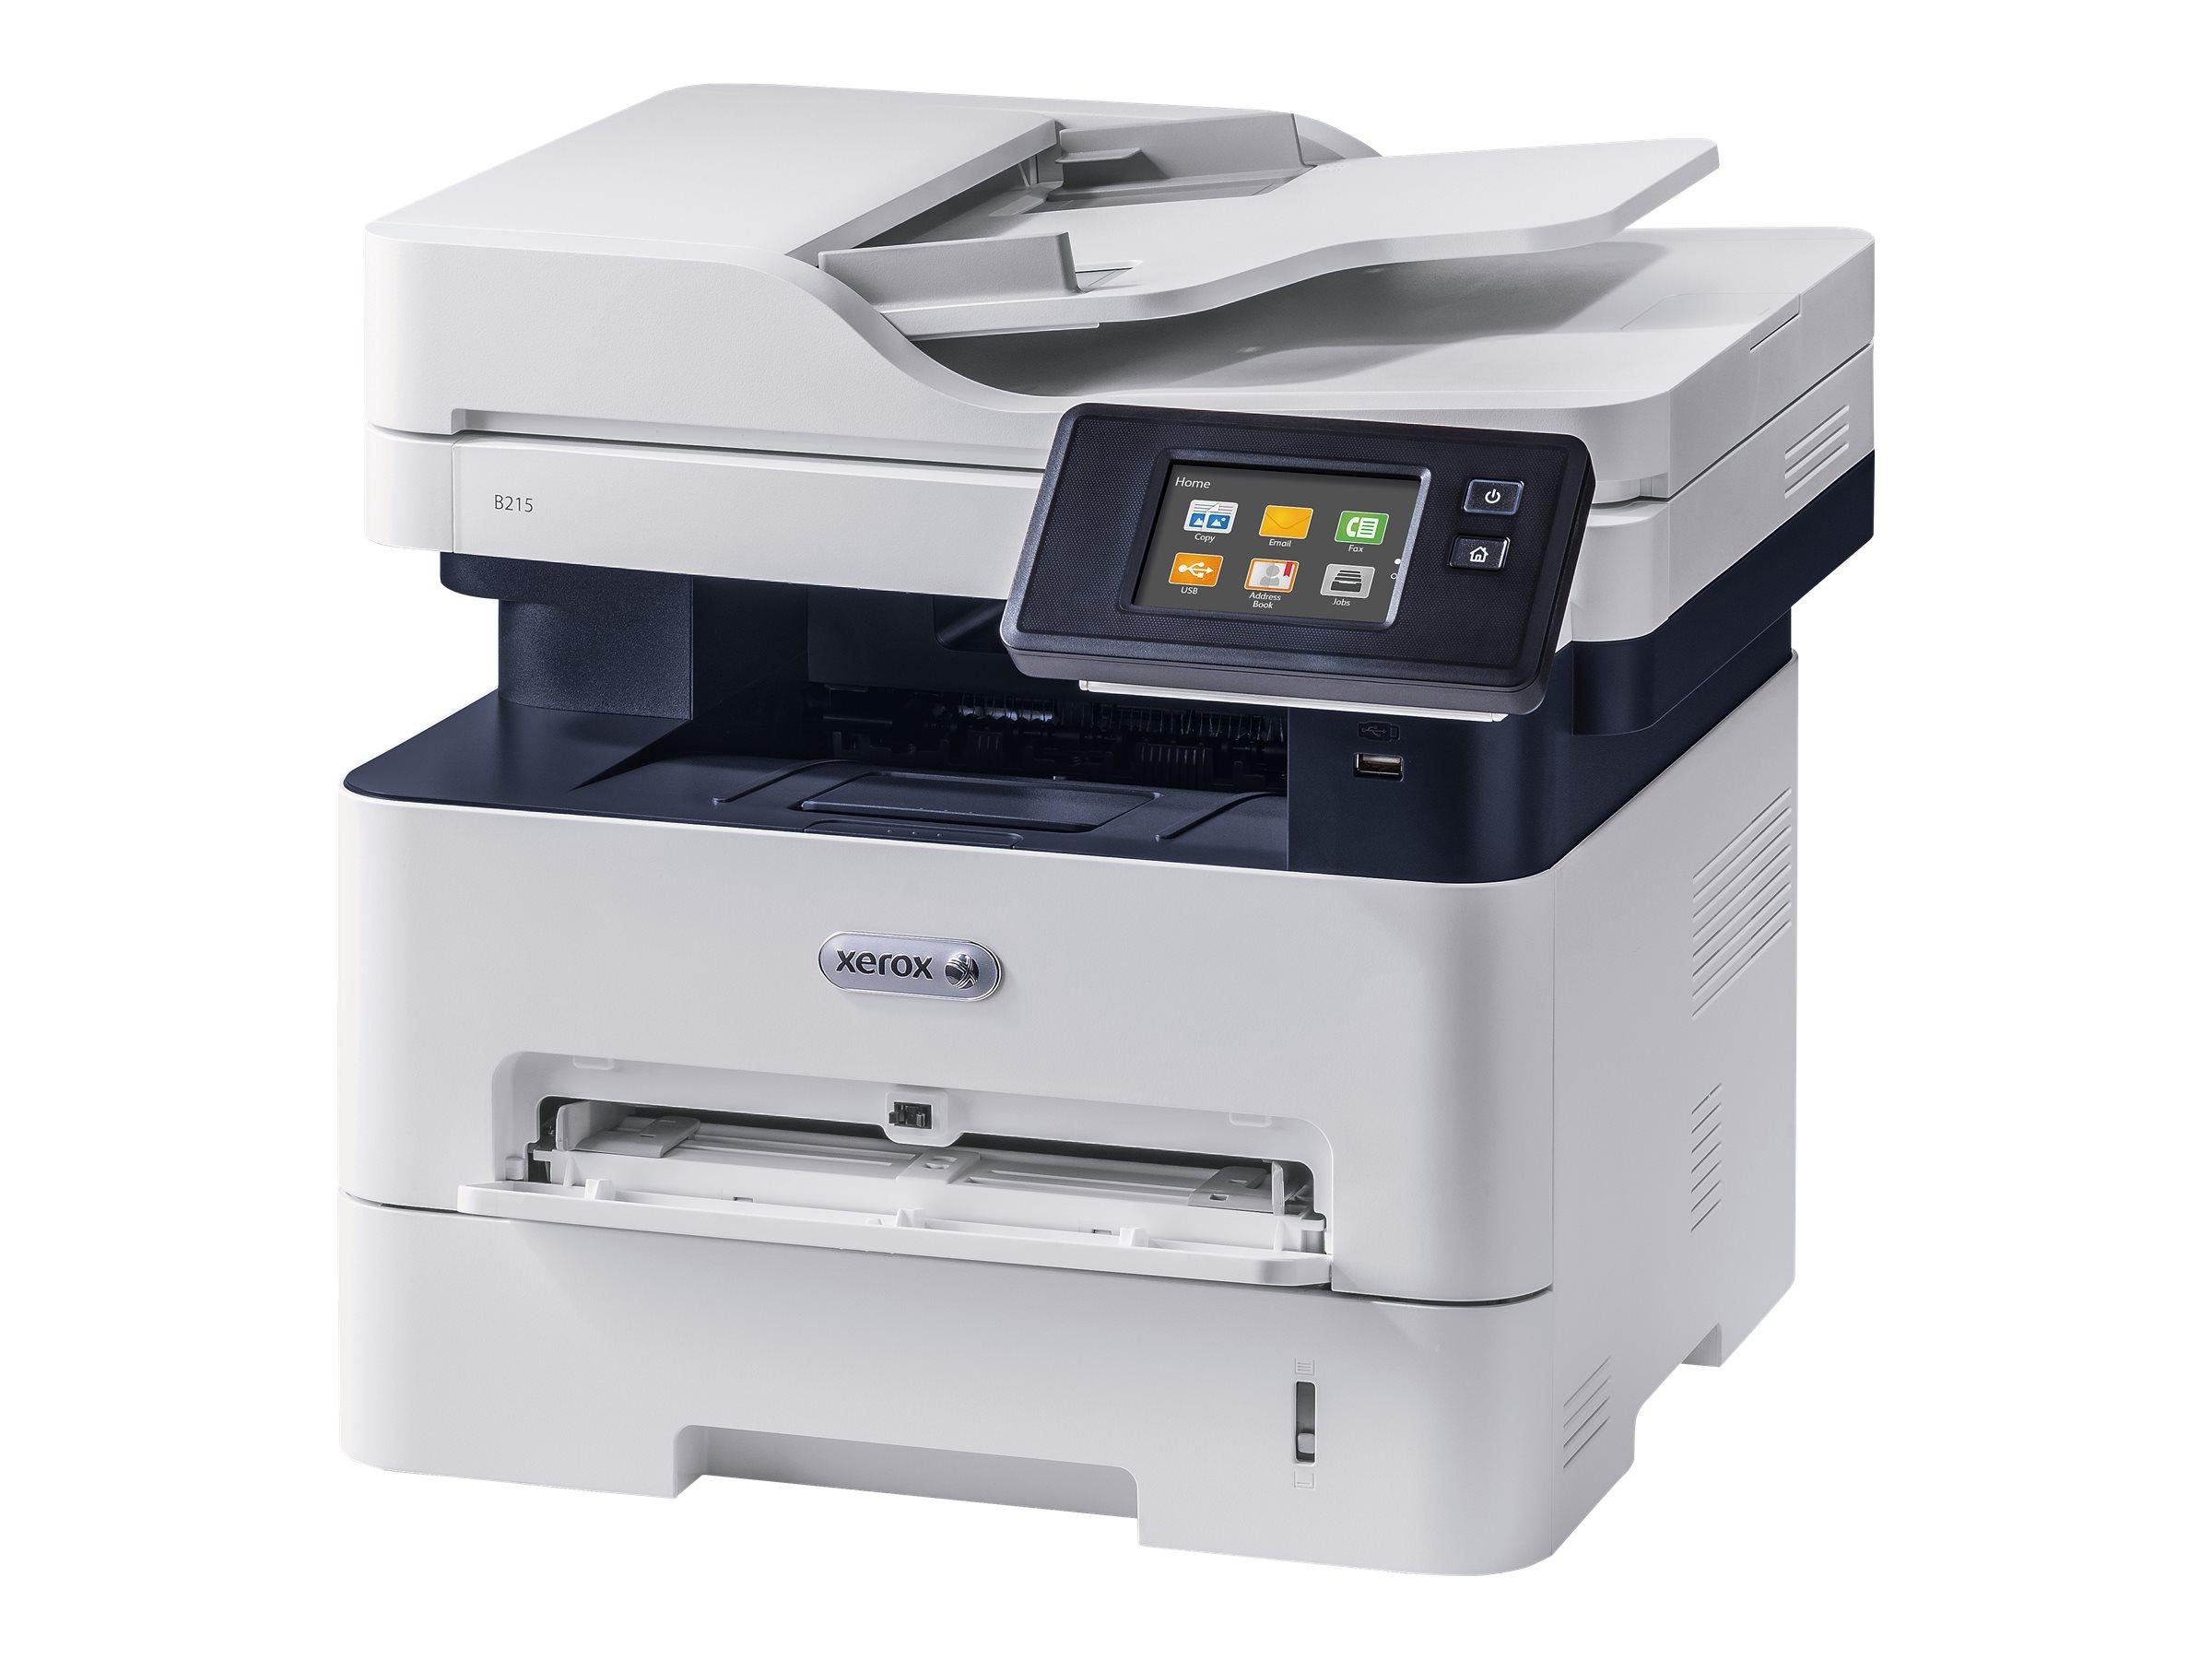 Xerox B215V/DNI - Multifunktionsdrucker - s/w - Laser - Legal (216 x 356 mm) (Original) - A4/Legal (Medien)